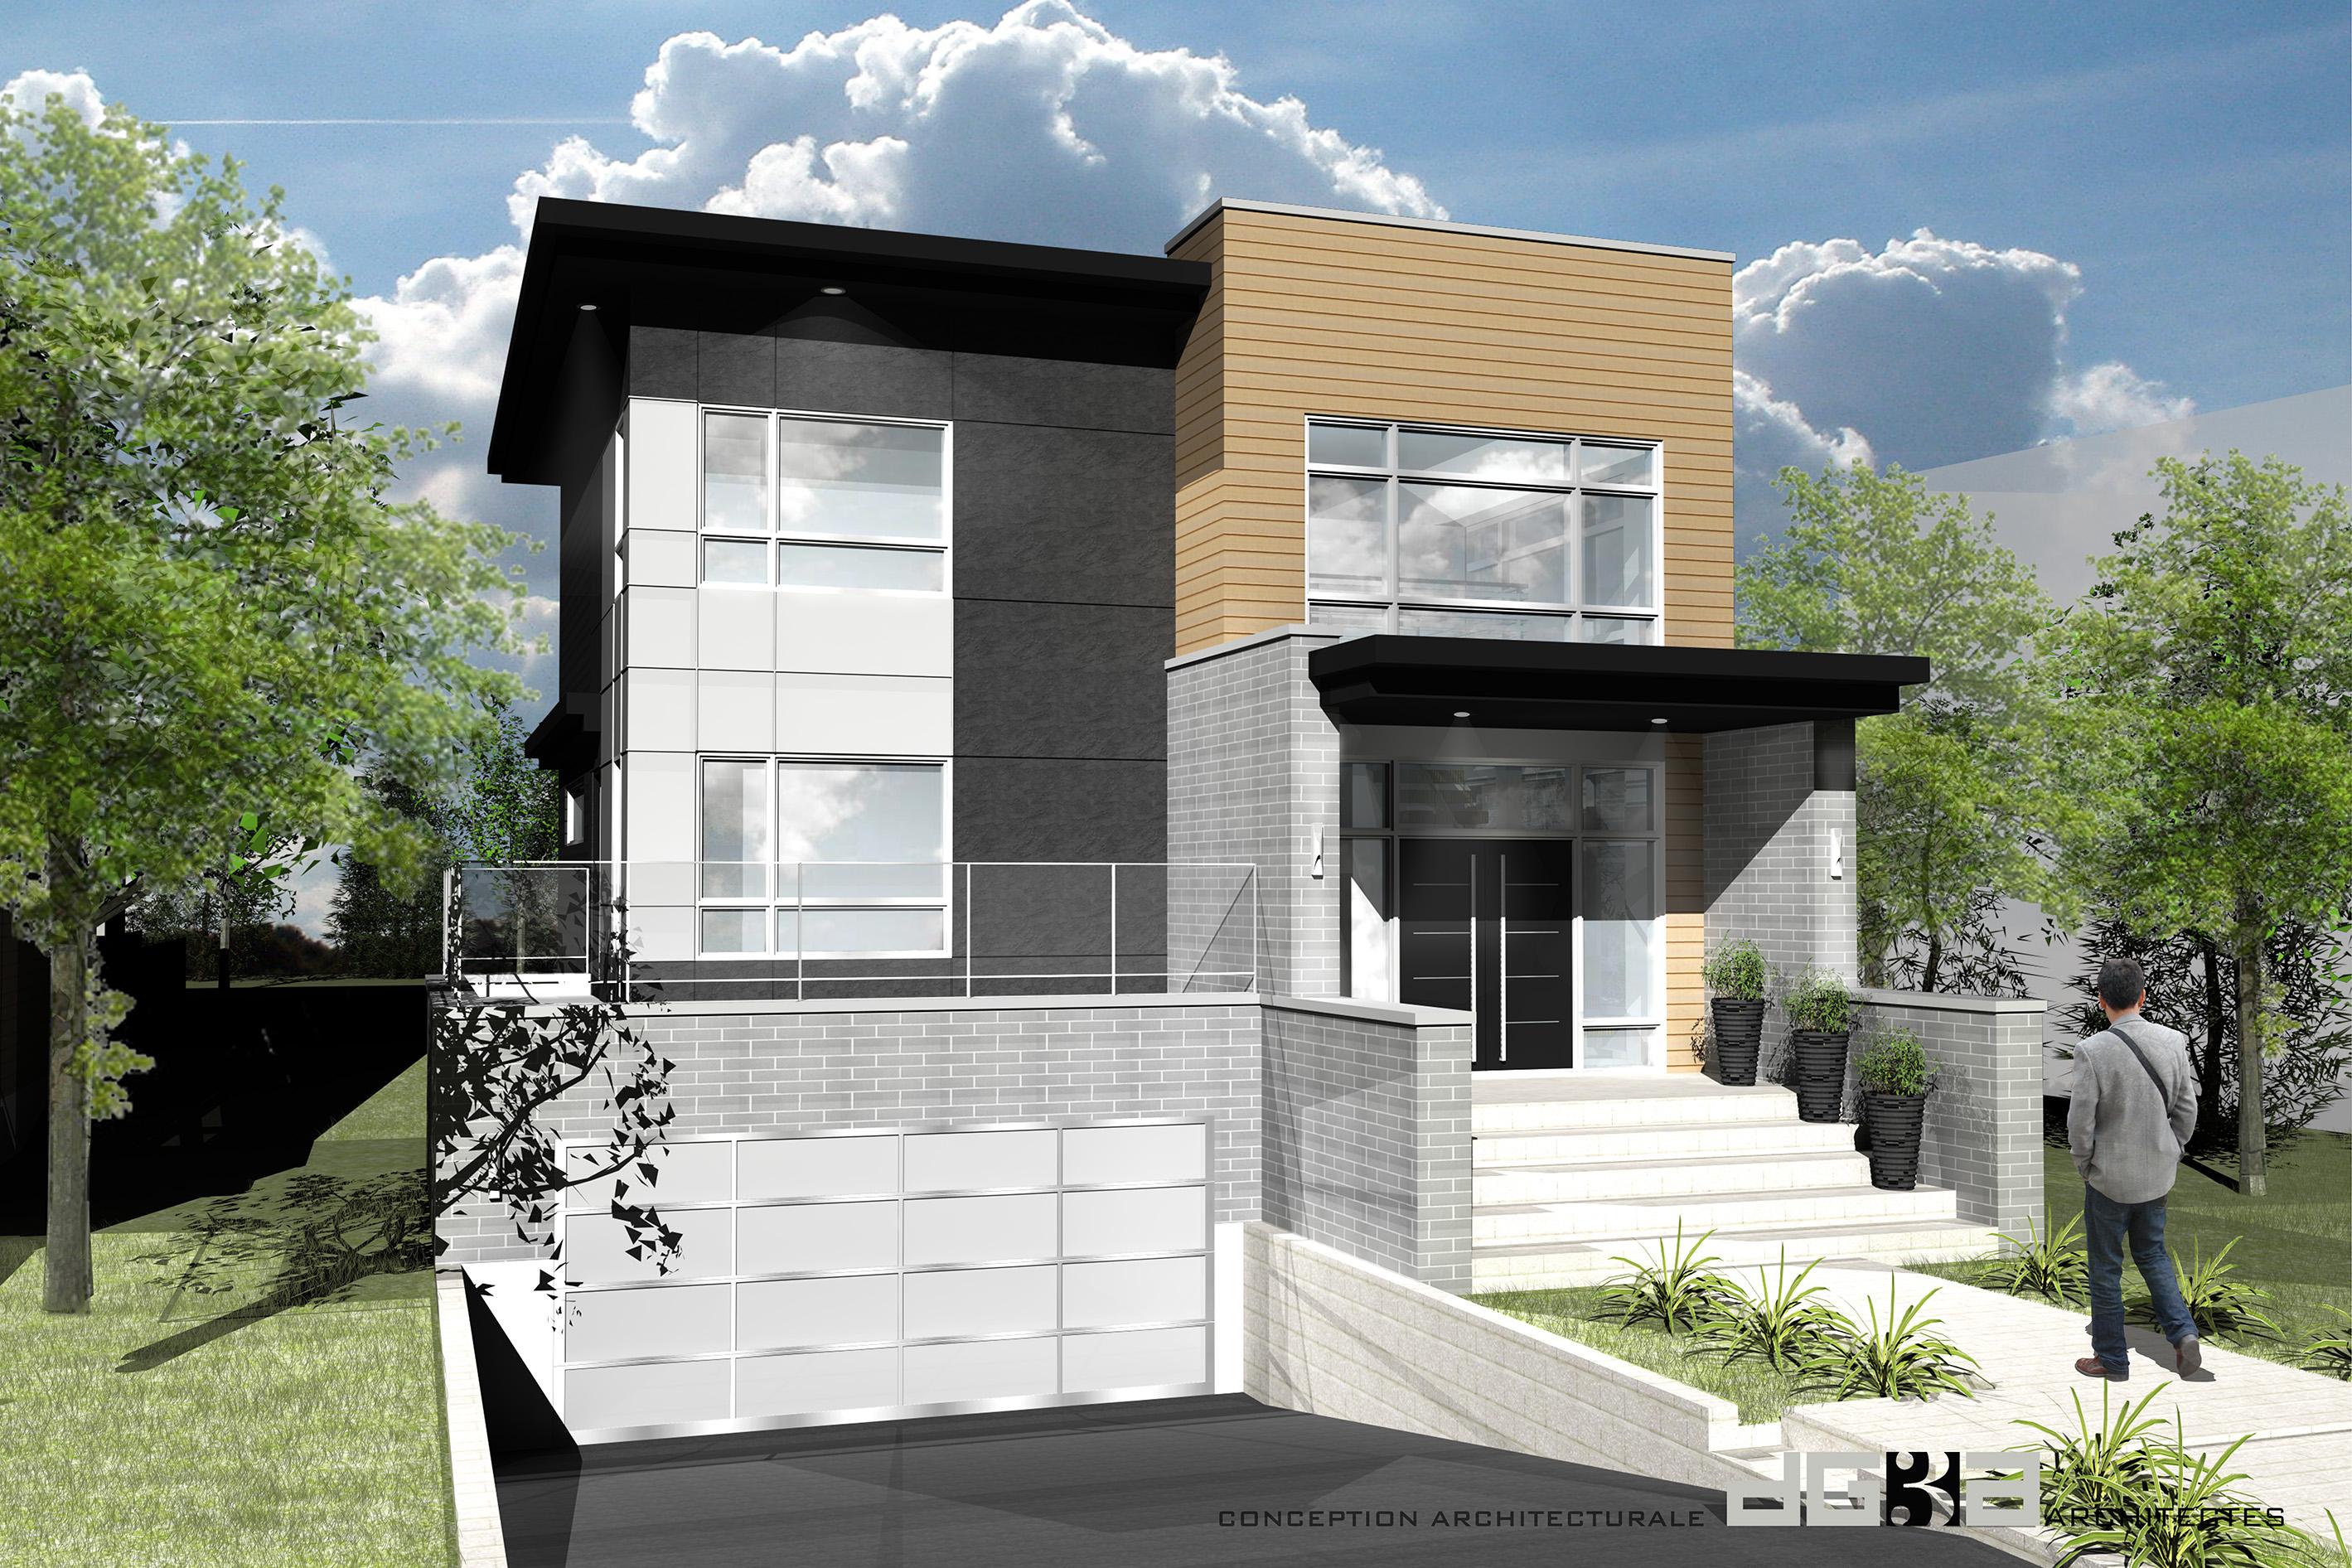 Unifamiliale rue dickson possibilit de construire avec for Concevez vos propres plans de garage gratuitement